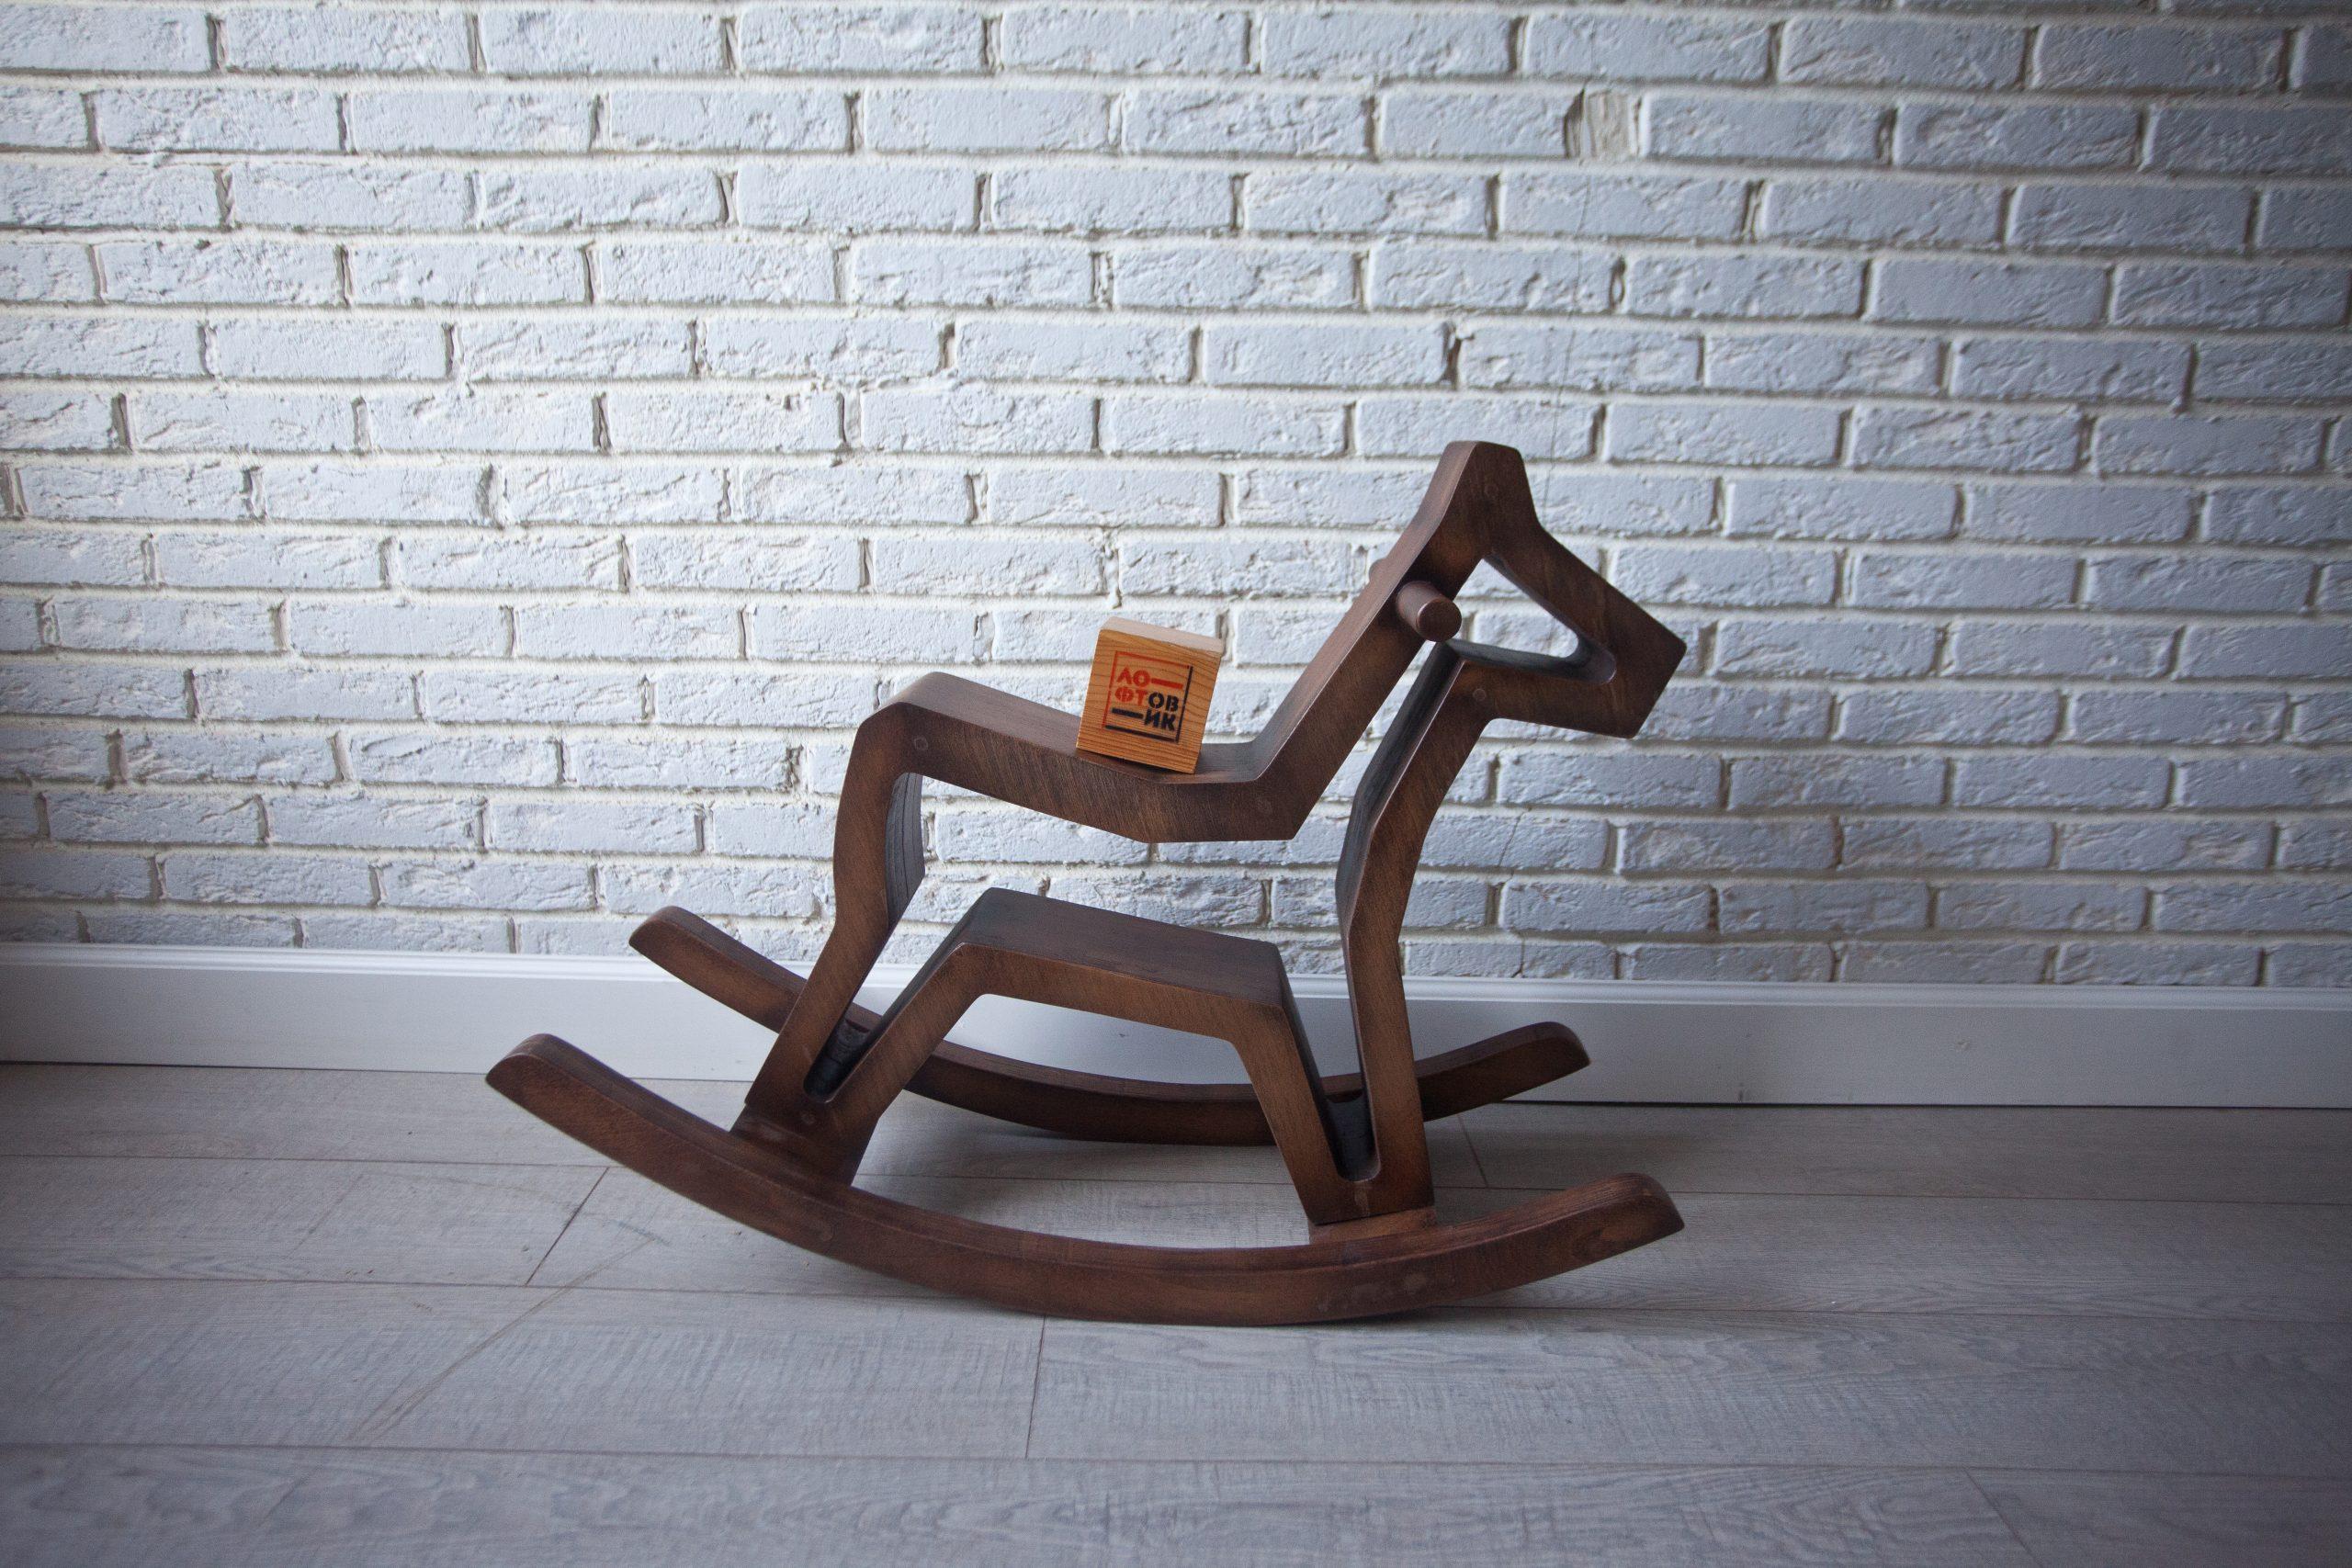 Лошадка-качалка «Рокинг»